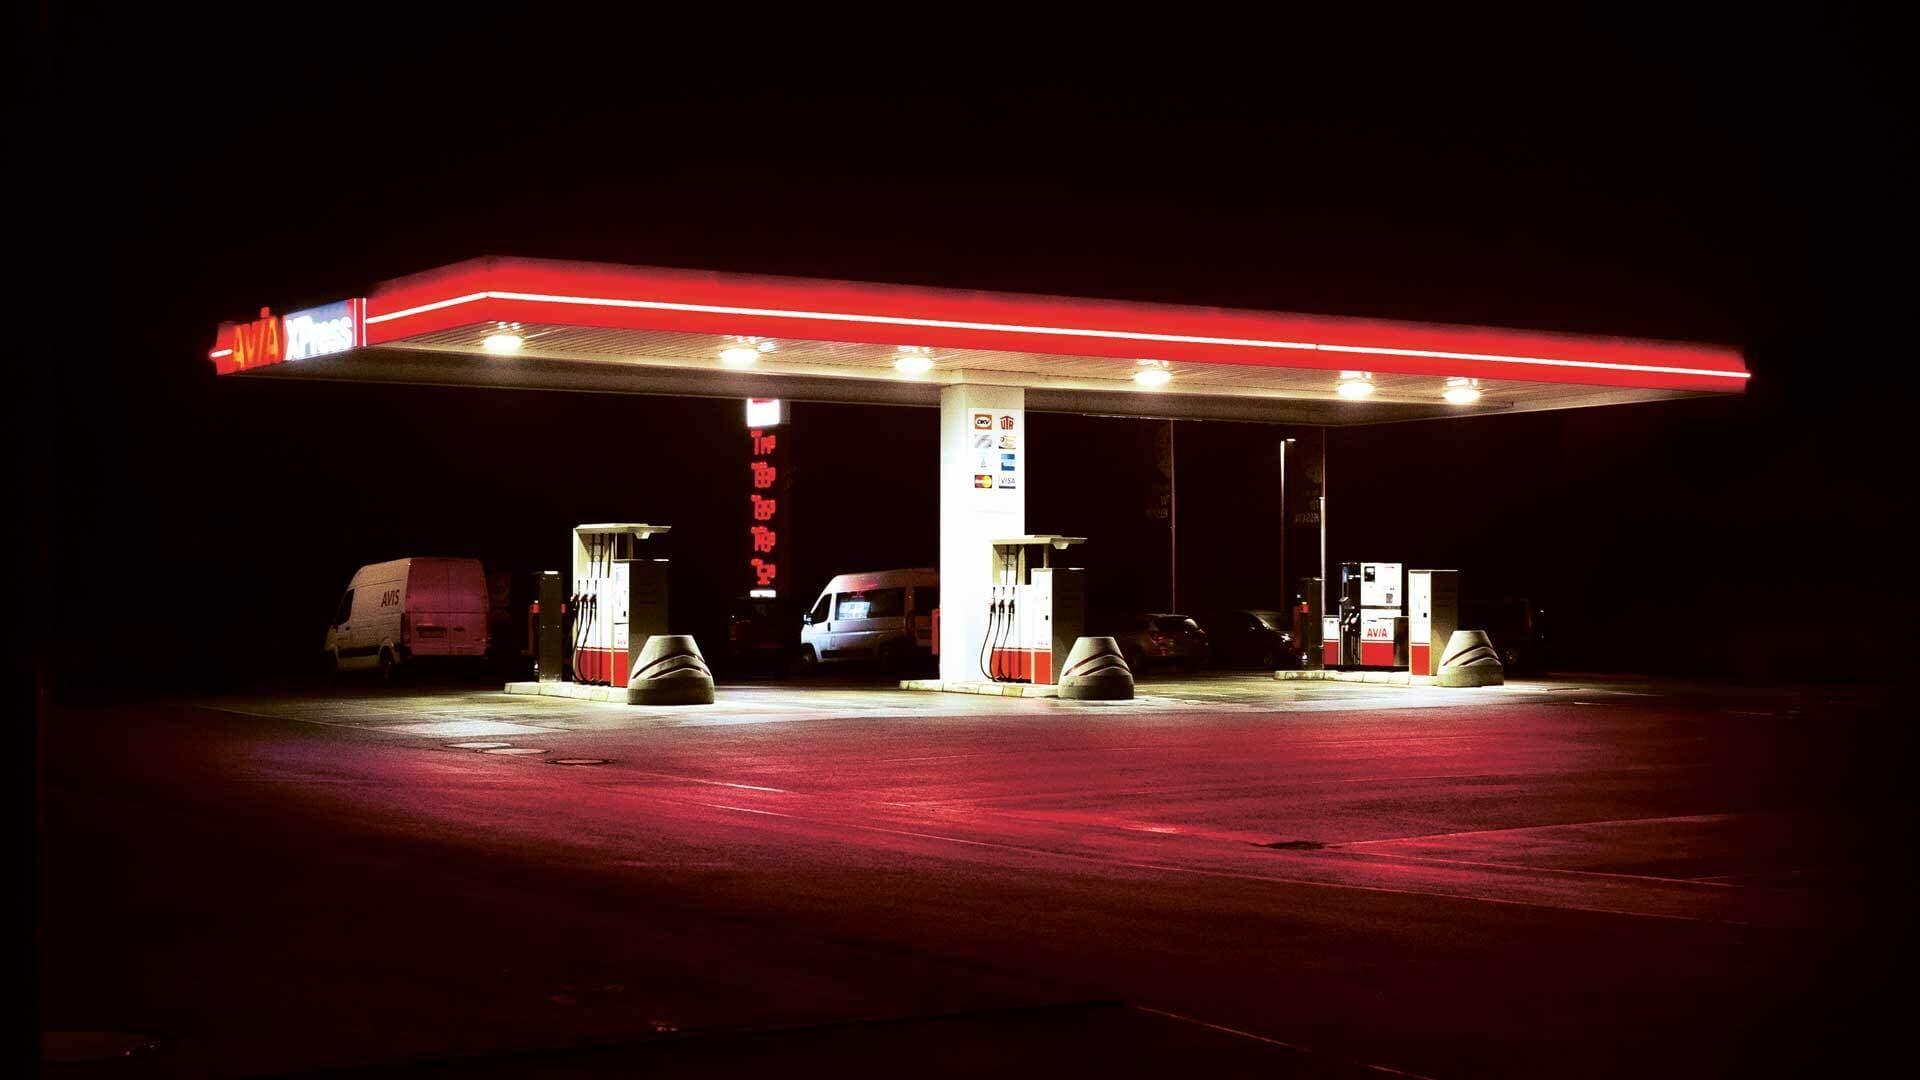 Lichtverschmutzung: beleuchtete Tankstelle im Dunkeln